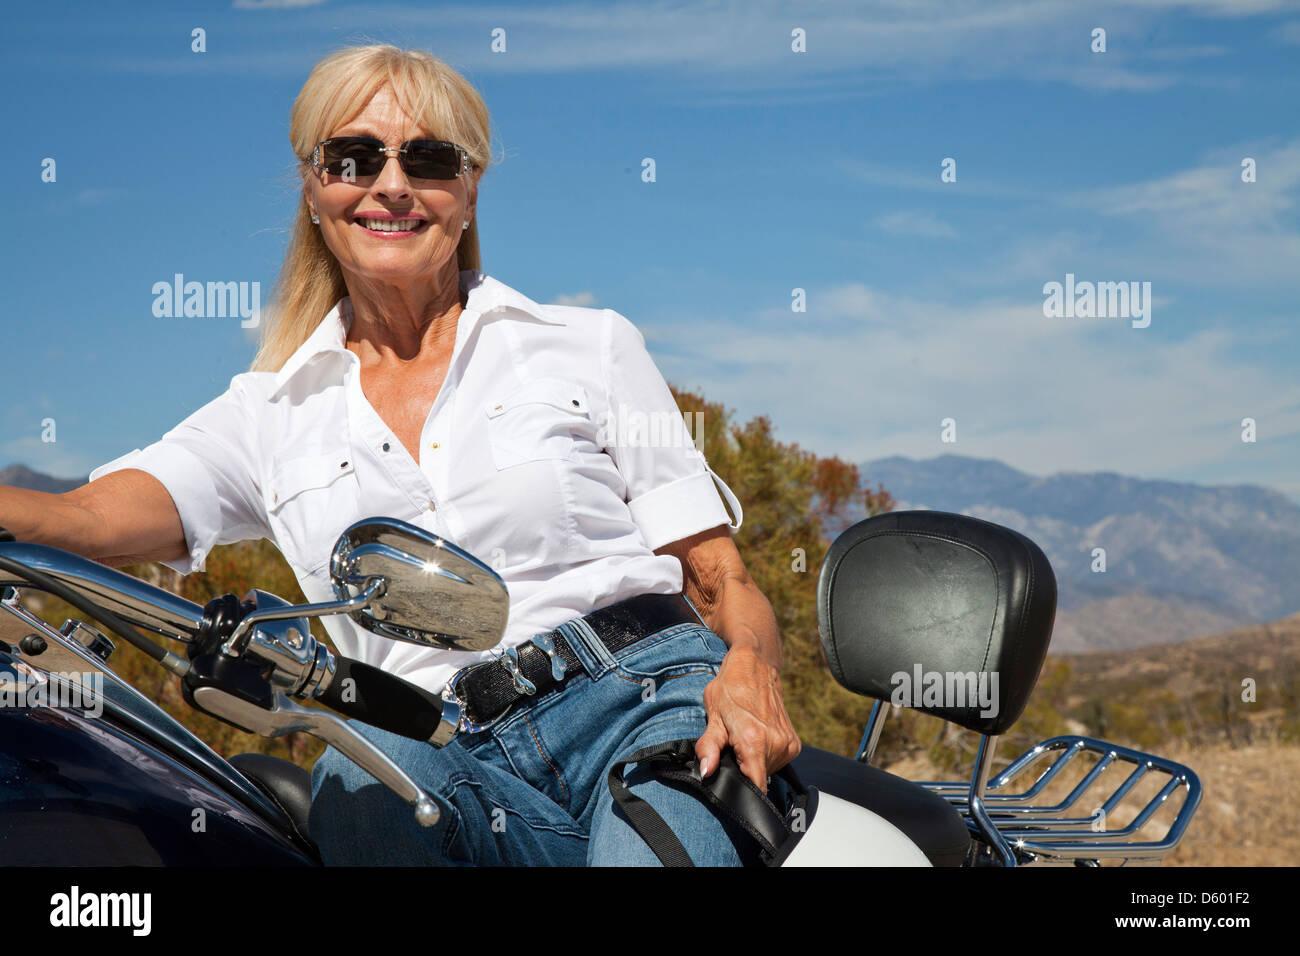 Senior woman sitting motorcycle desert road - Stock Image